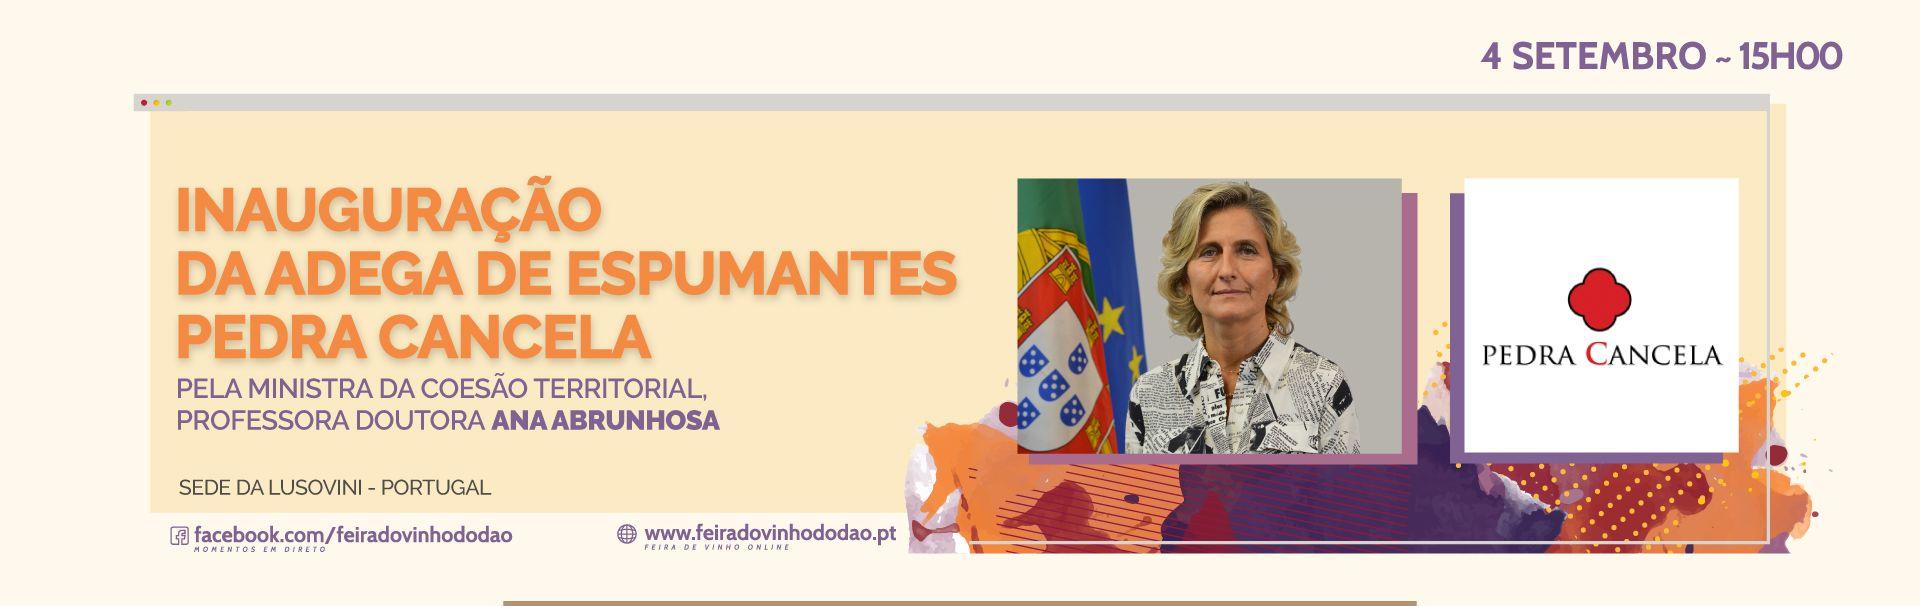 banner_Inauguração-Adega-Pedra-Cancela.jpg